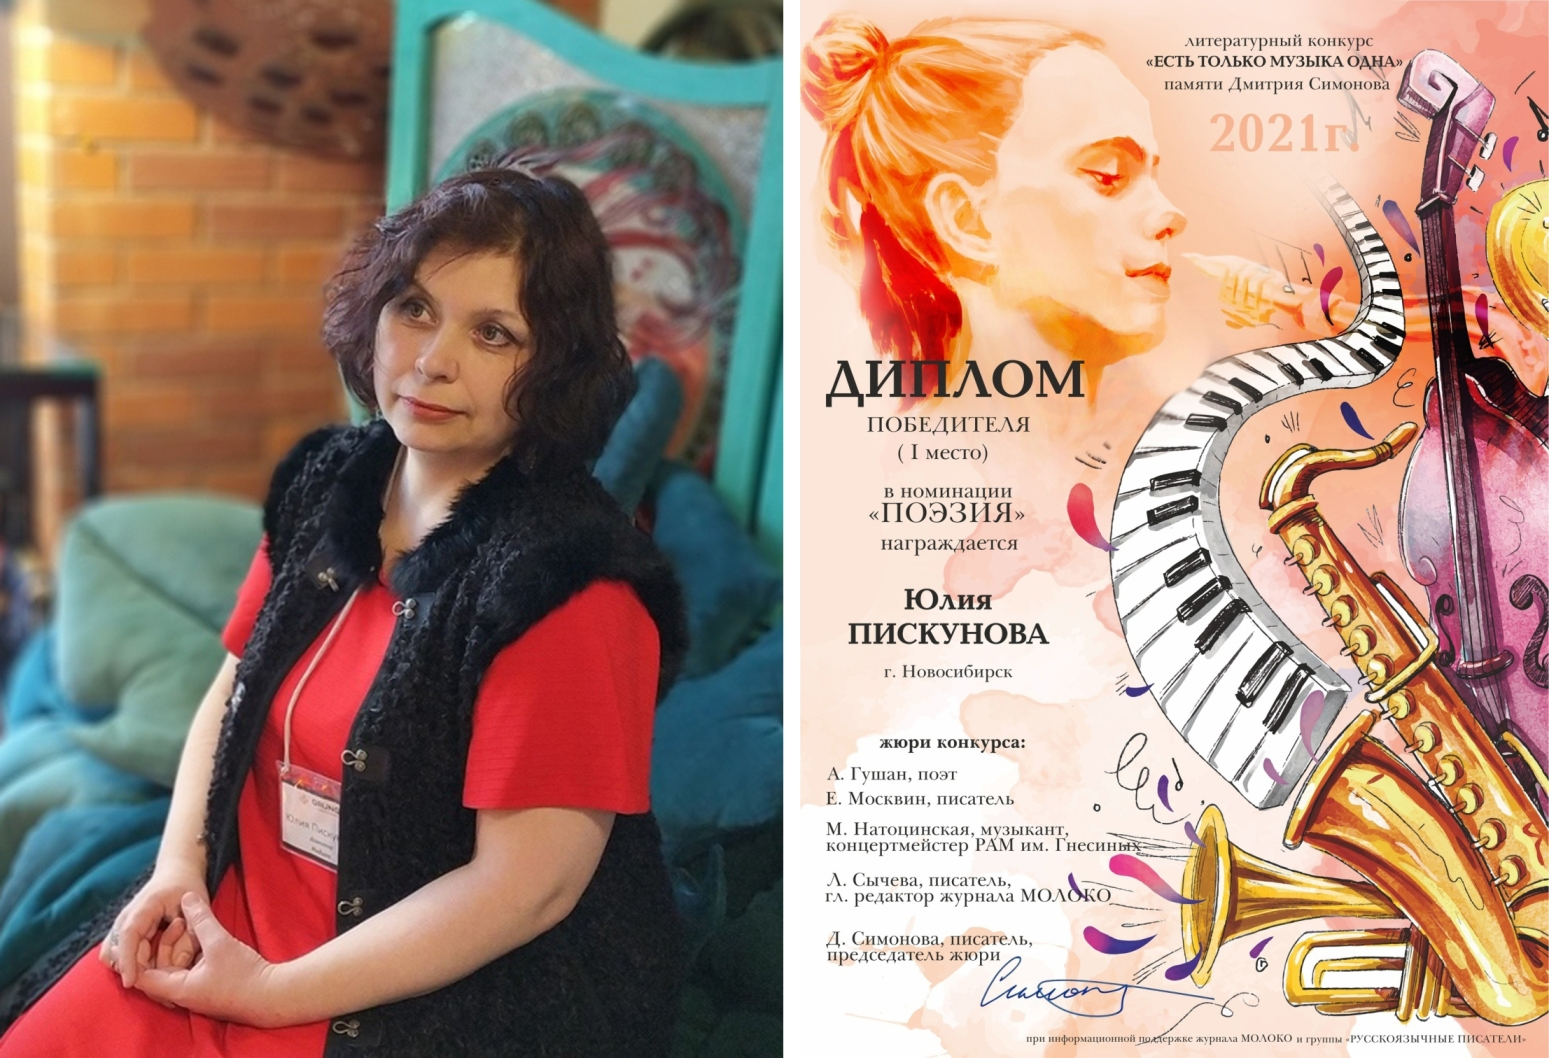 Поэтесса Юлия Пискунова стала победителем литературного конкурса, посвящённого музыке